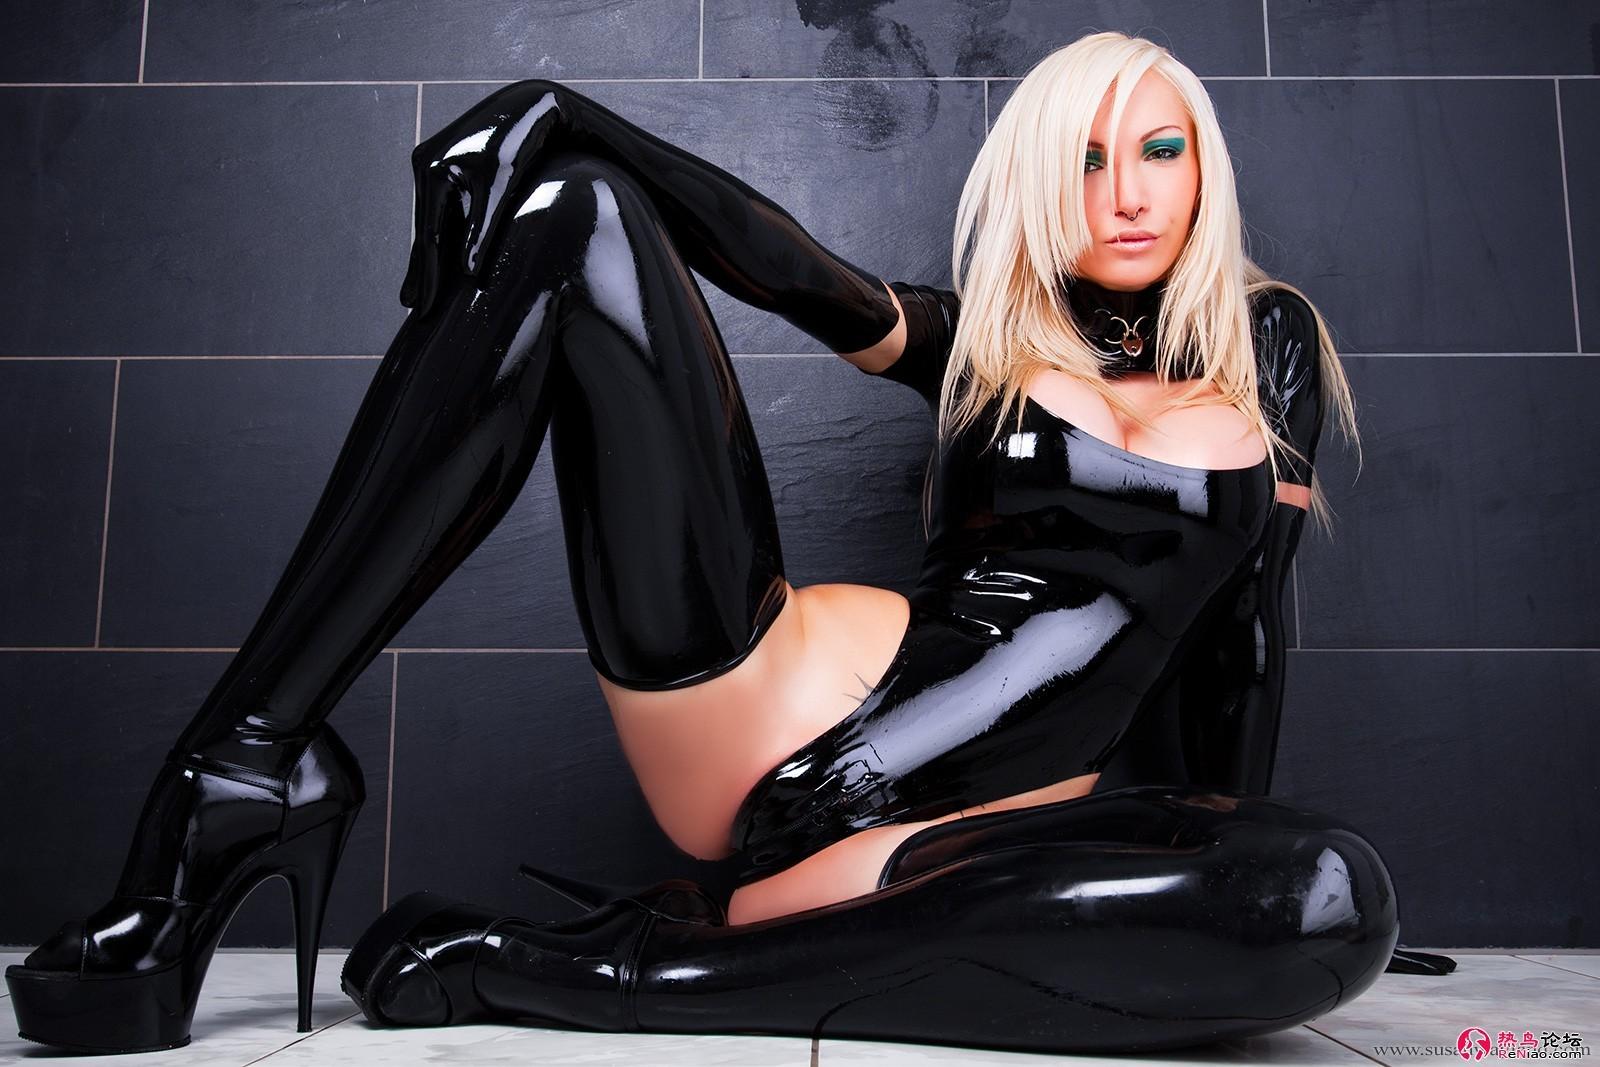 Blonde pulpeuse en bottes de cuir se fait prendre sur le lit - 1 part 8